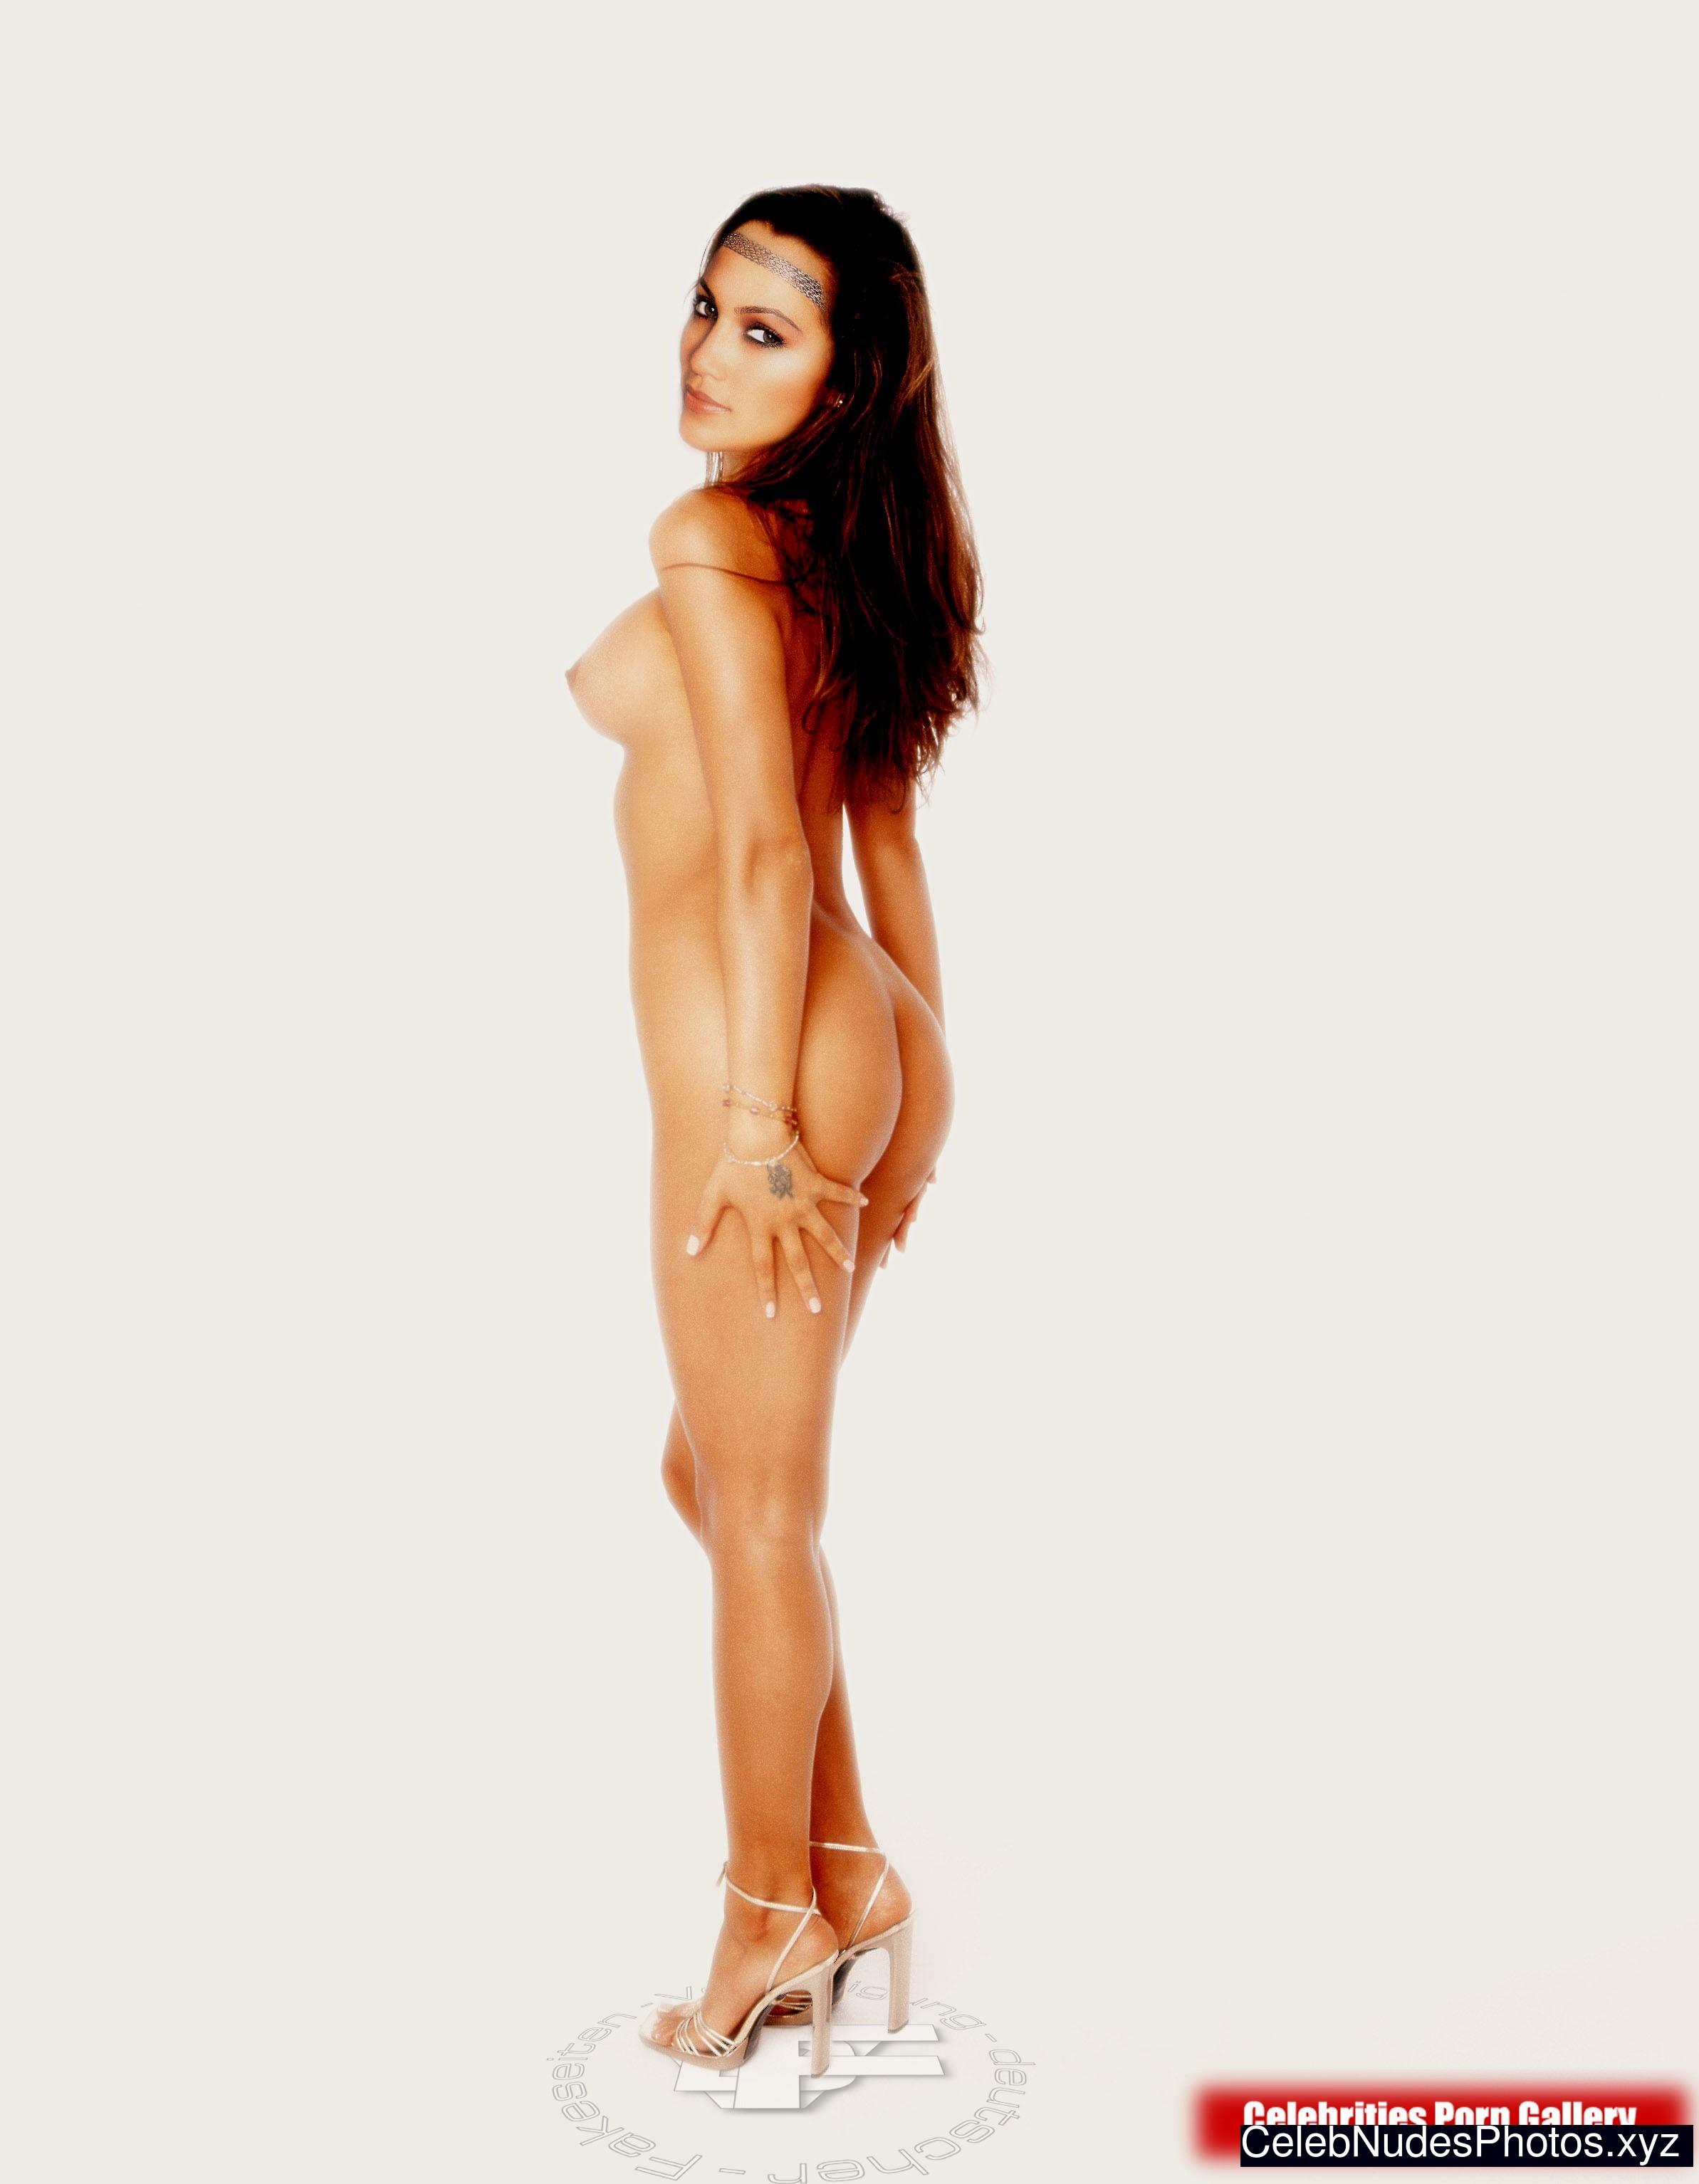 Jennifer Lopez Celeb Nude sexy 23